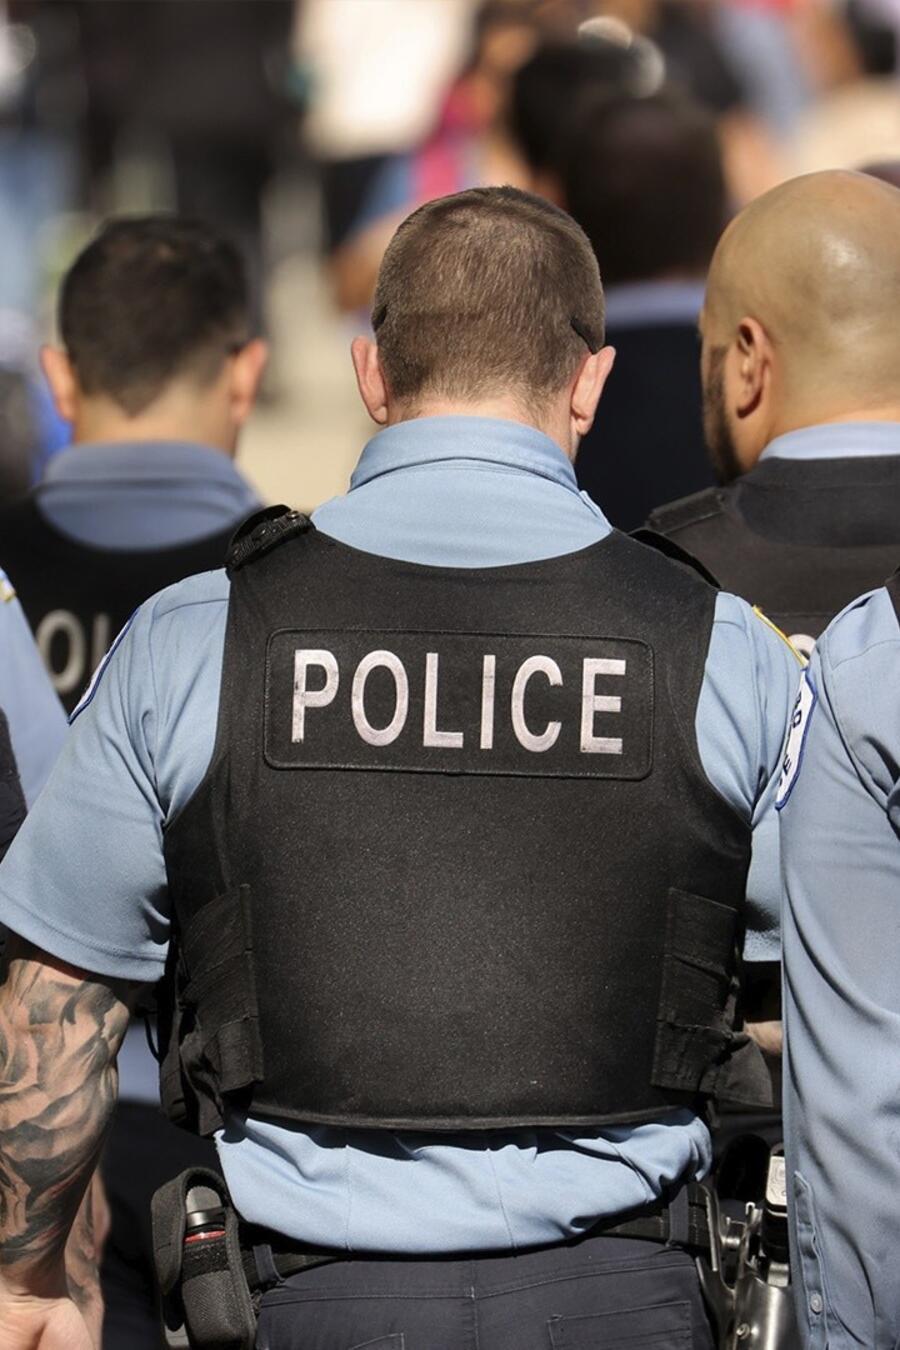 Acusan a policía de usar lenguaje irrespetuoso en Colorado